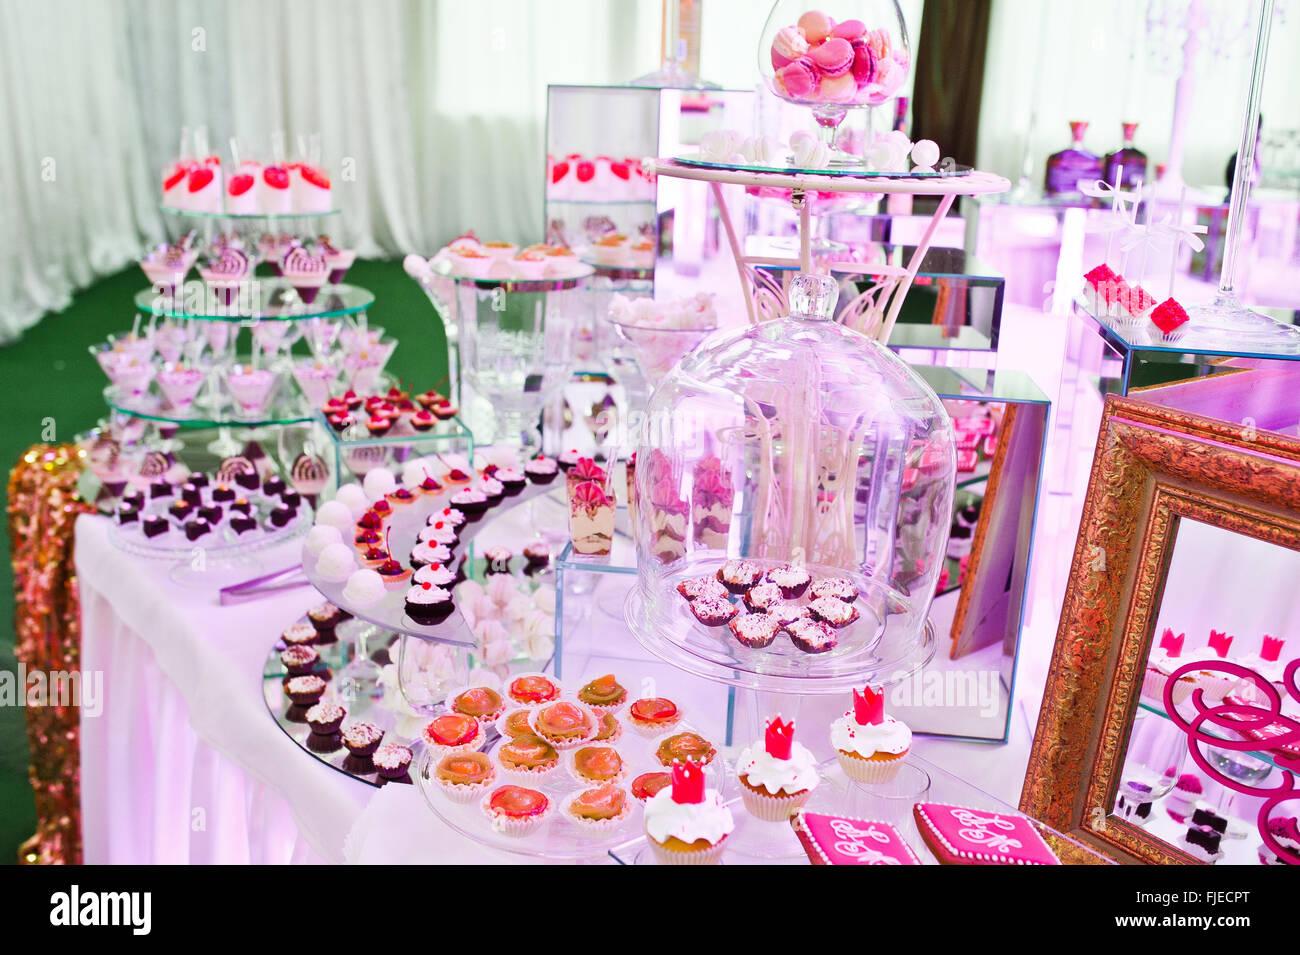 Buffet Set Up Wedding Reception Stock Photos & Buffet Set Up Wedding ...